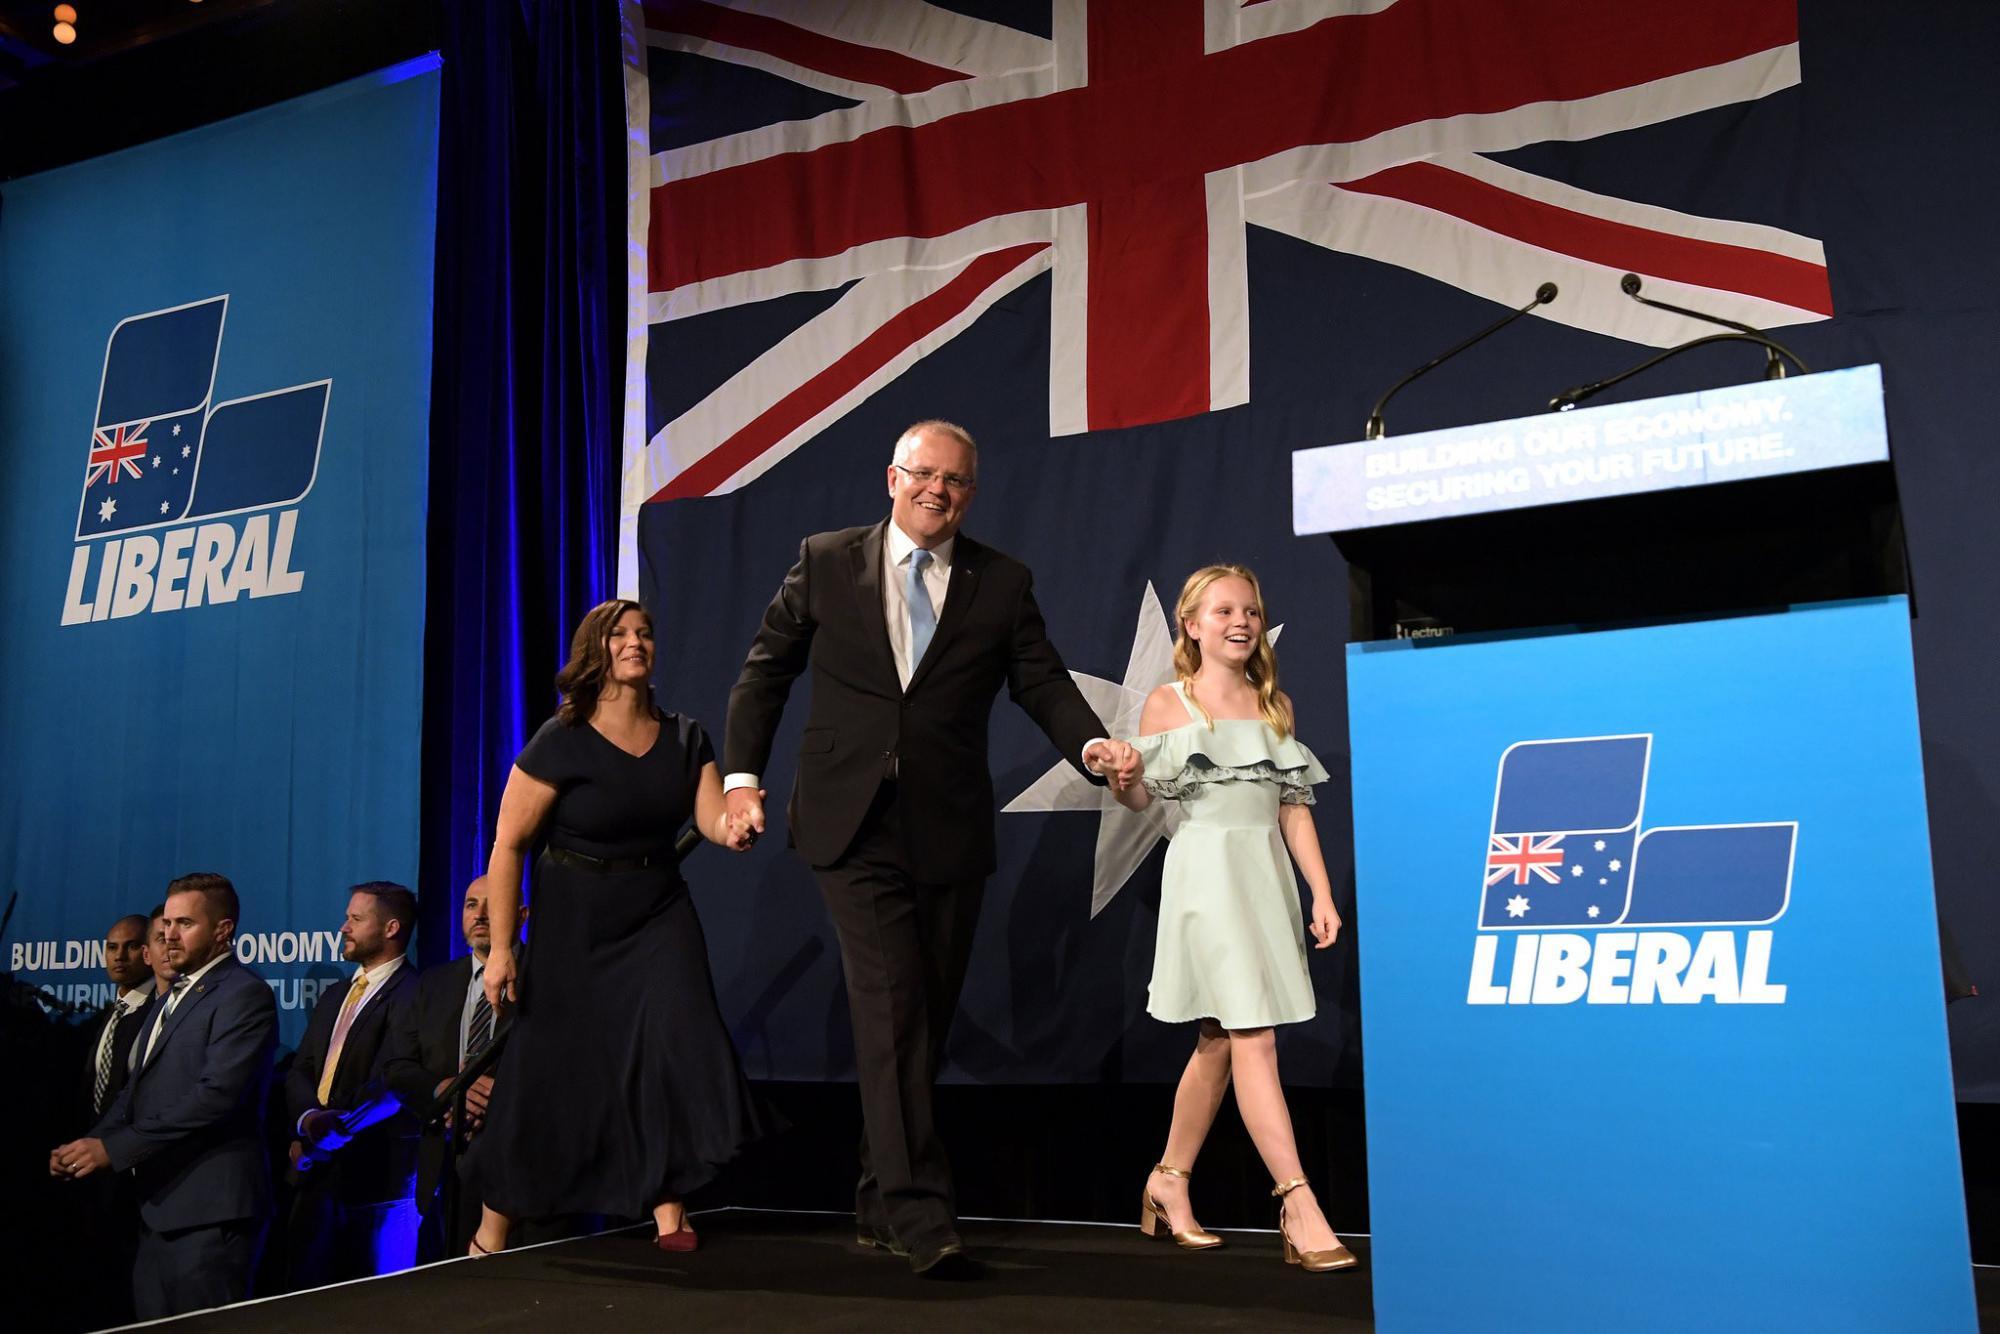 Сторонник Трампа одерживает ошеломляющую победу на выборах в Австралии, лоббисты зеленой аферы в пролете